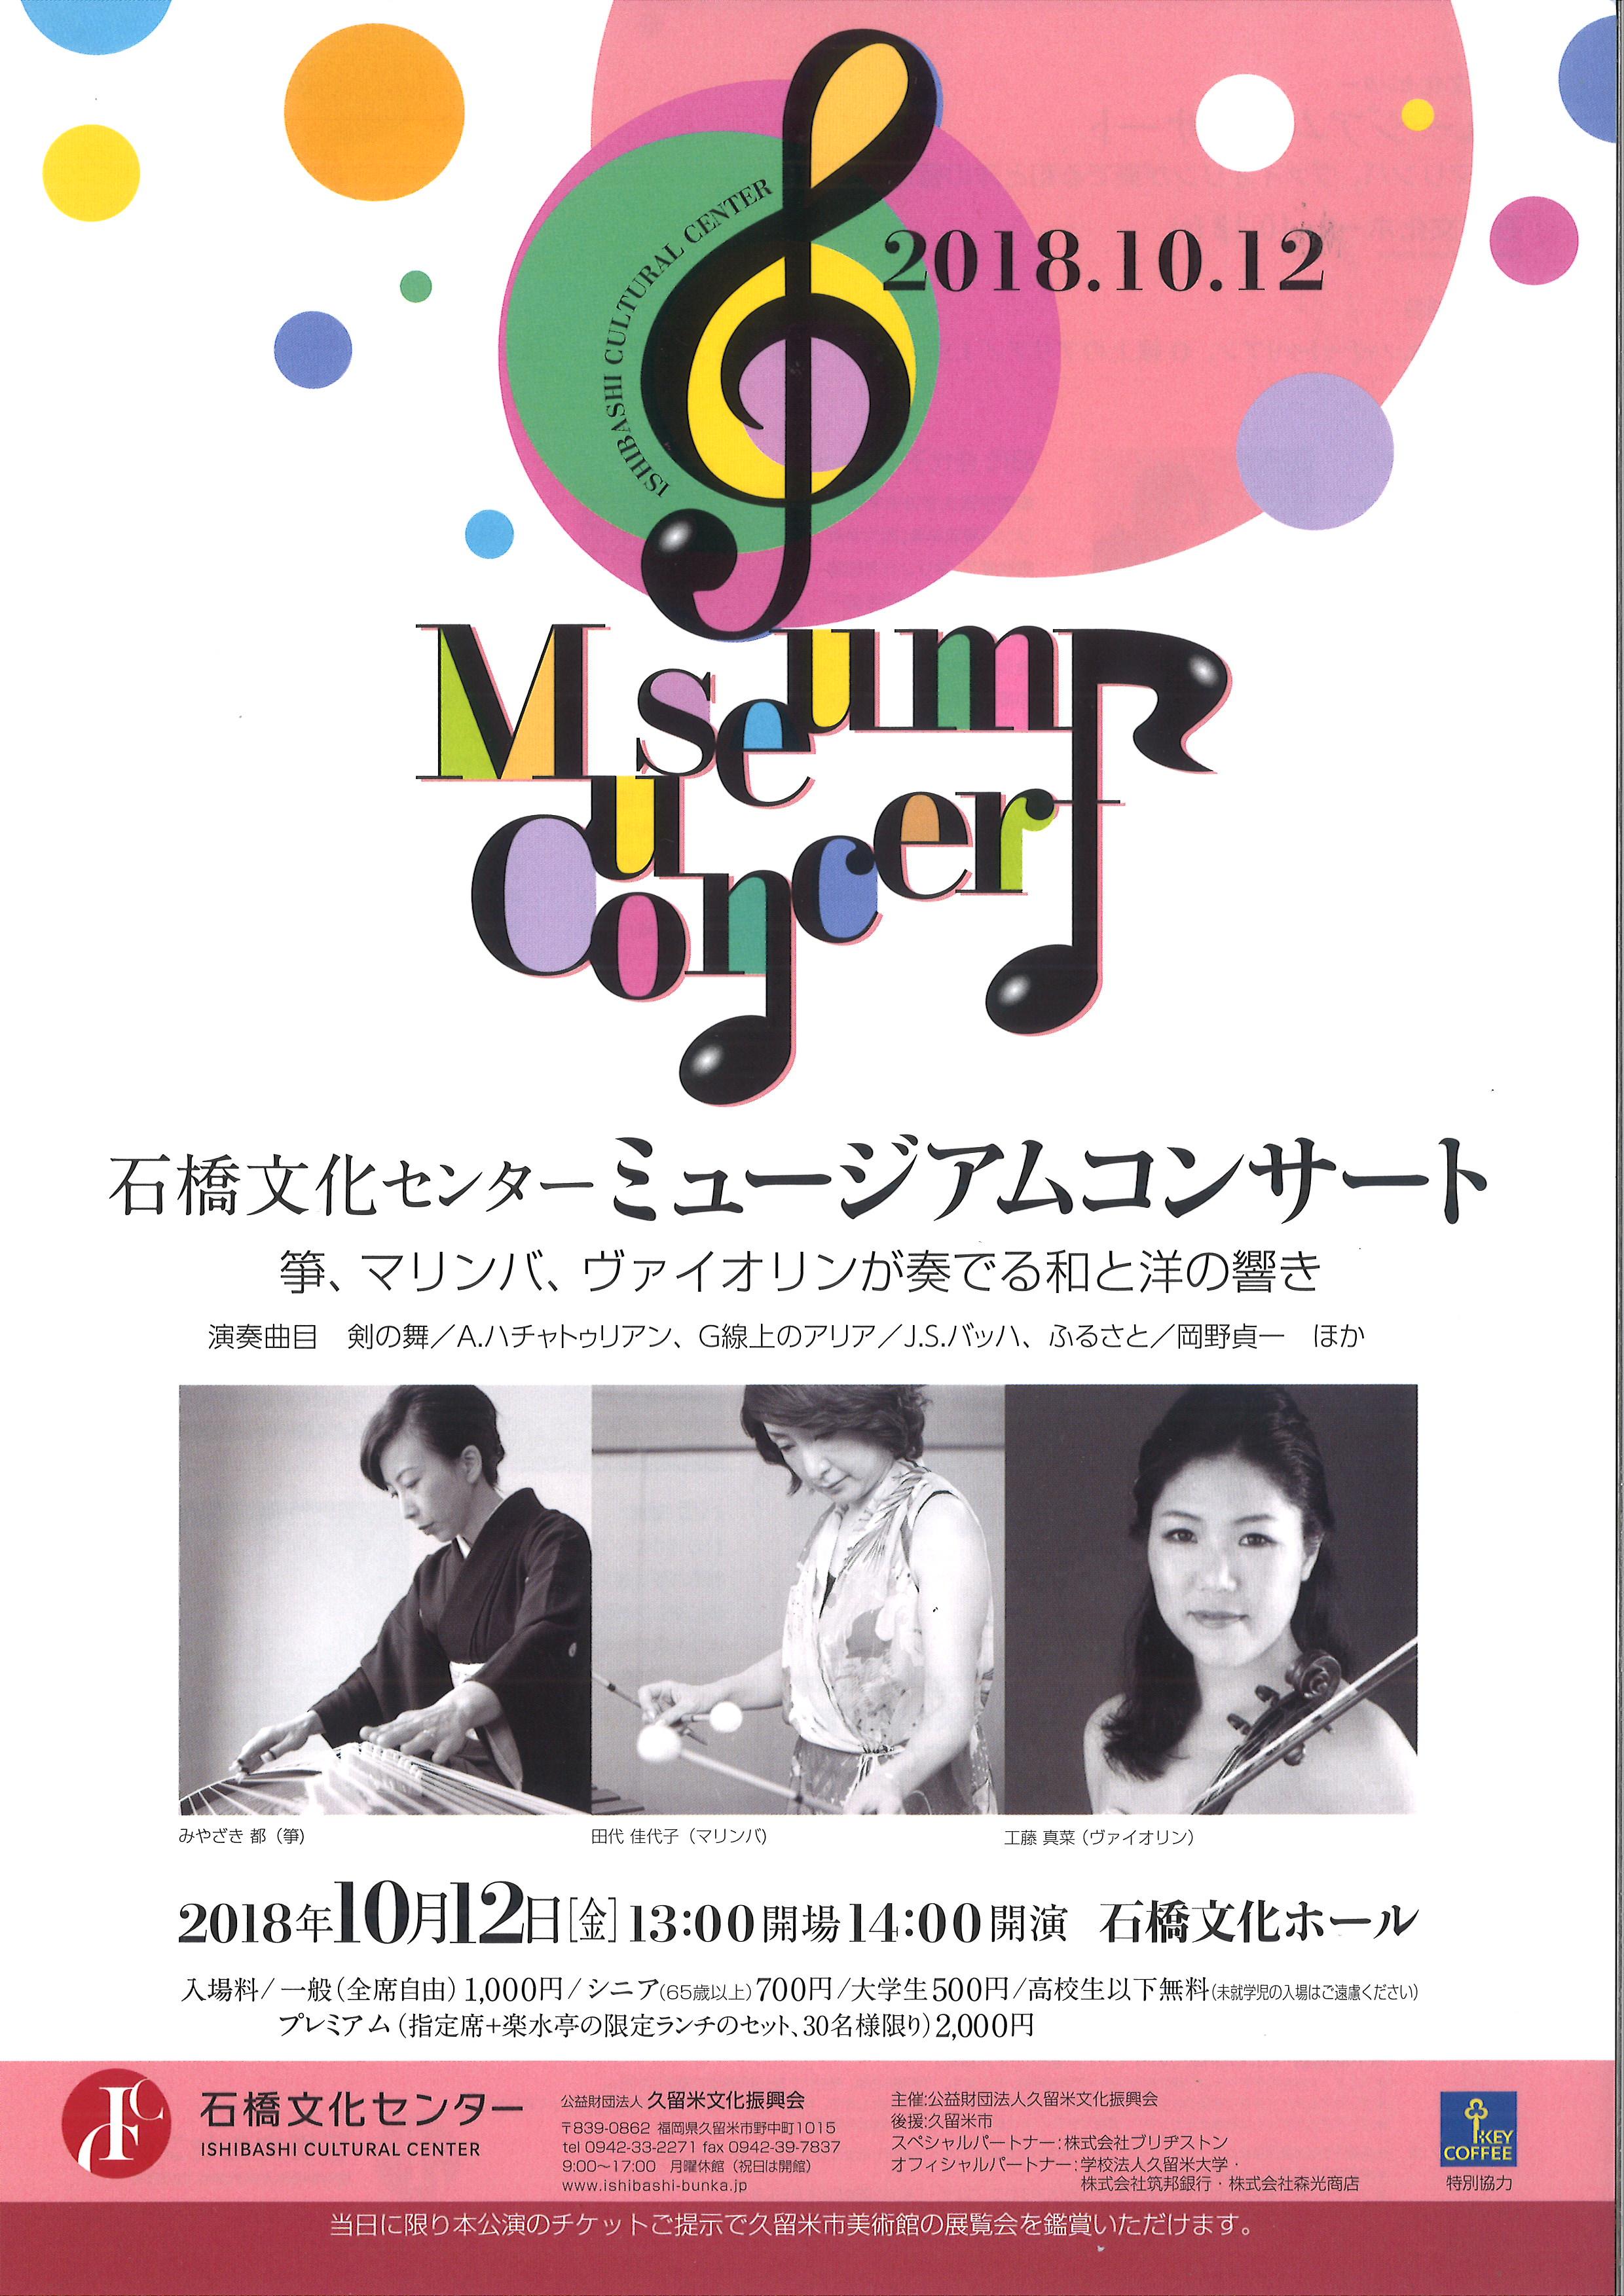 ミュージアムコンサート「箏、マリンバ、ヴァイオリンが奏でる和と洋の響き」